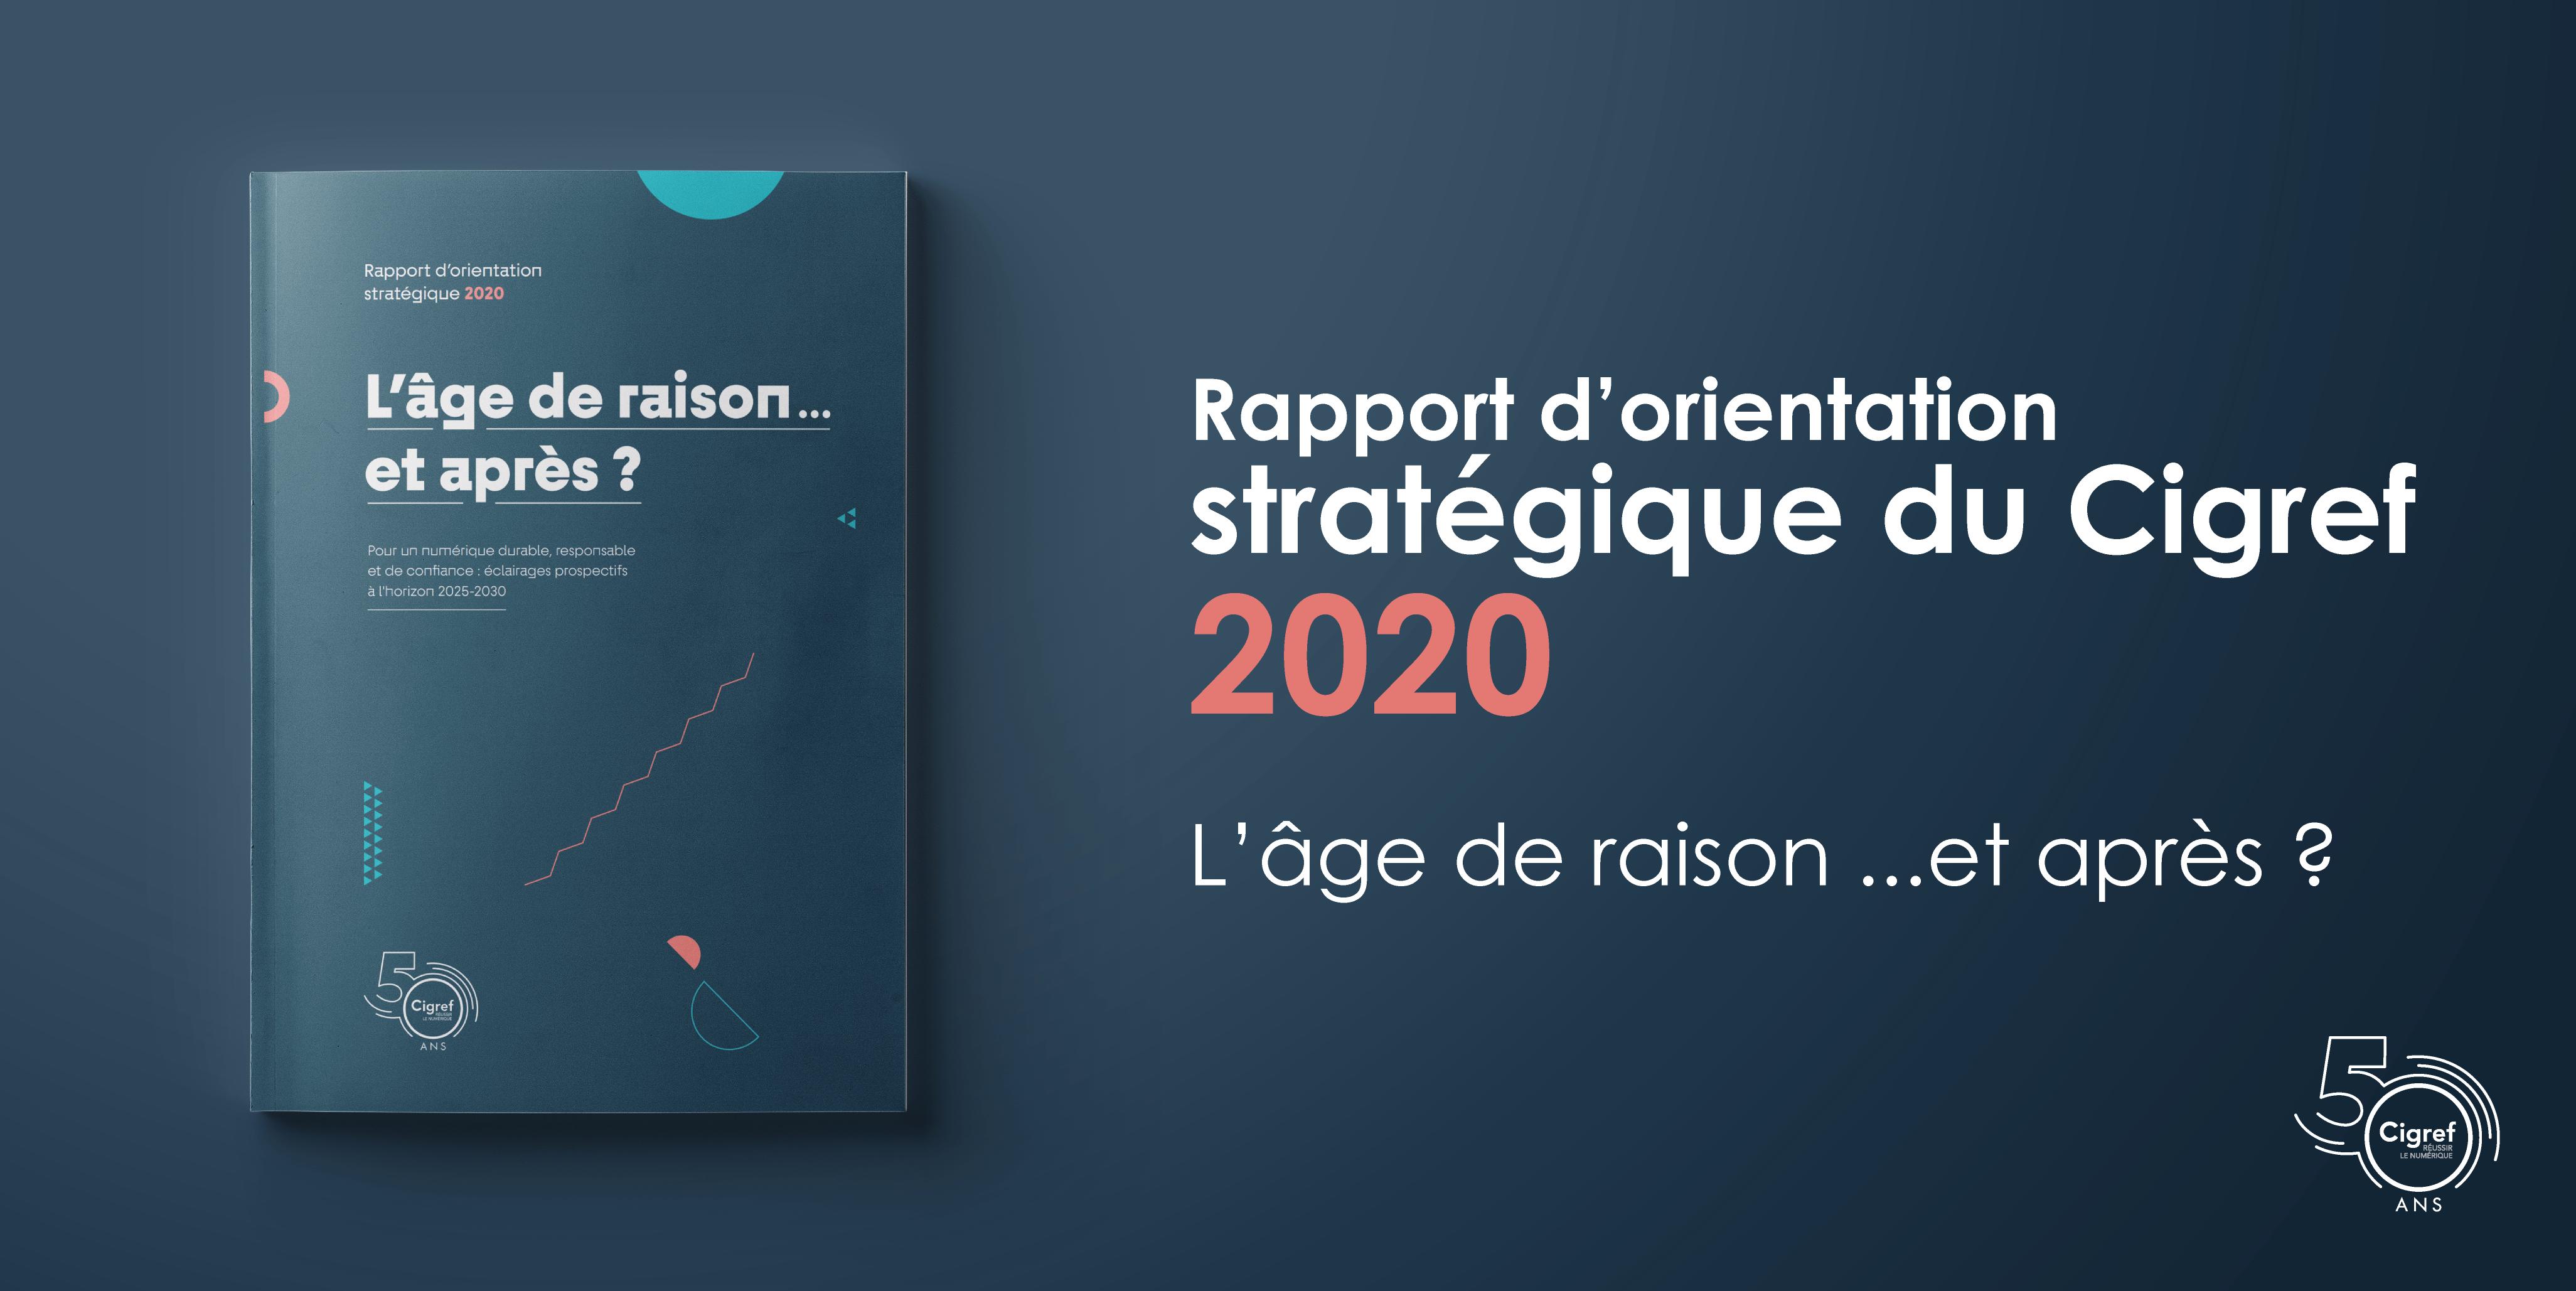 Rapport d'orientation stratégique du Cigref